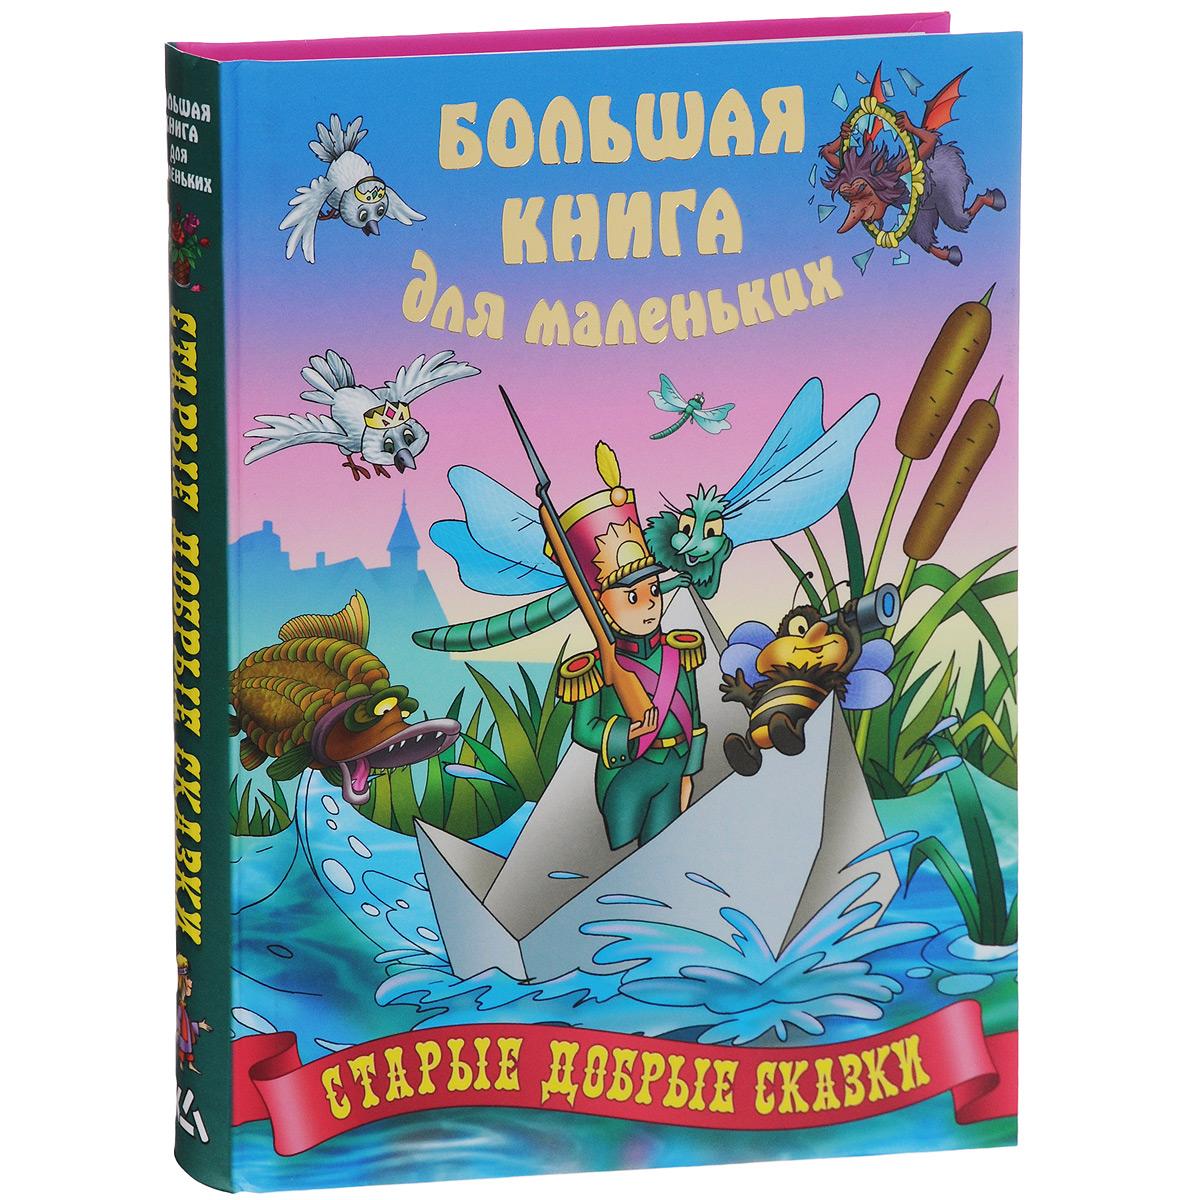 Старые добрые сказки сергей аксаков сказки русских писателей